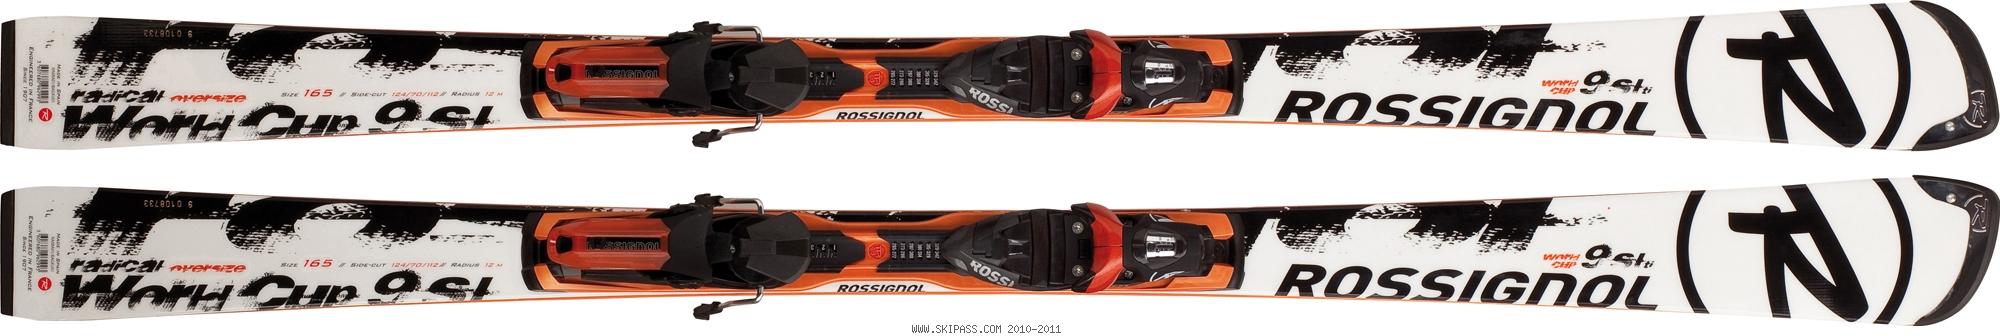 Rossignol Radical 9SL WC Oversize Slant Nose